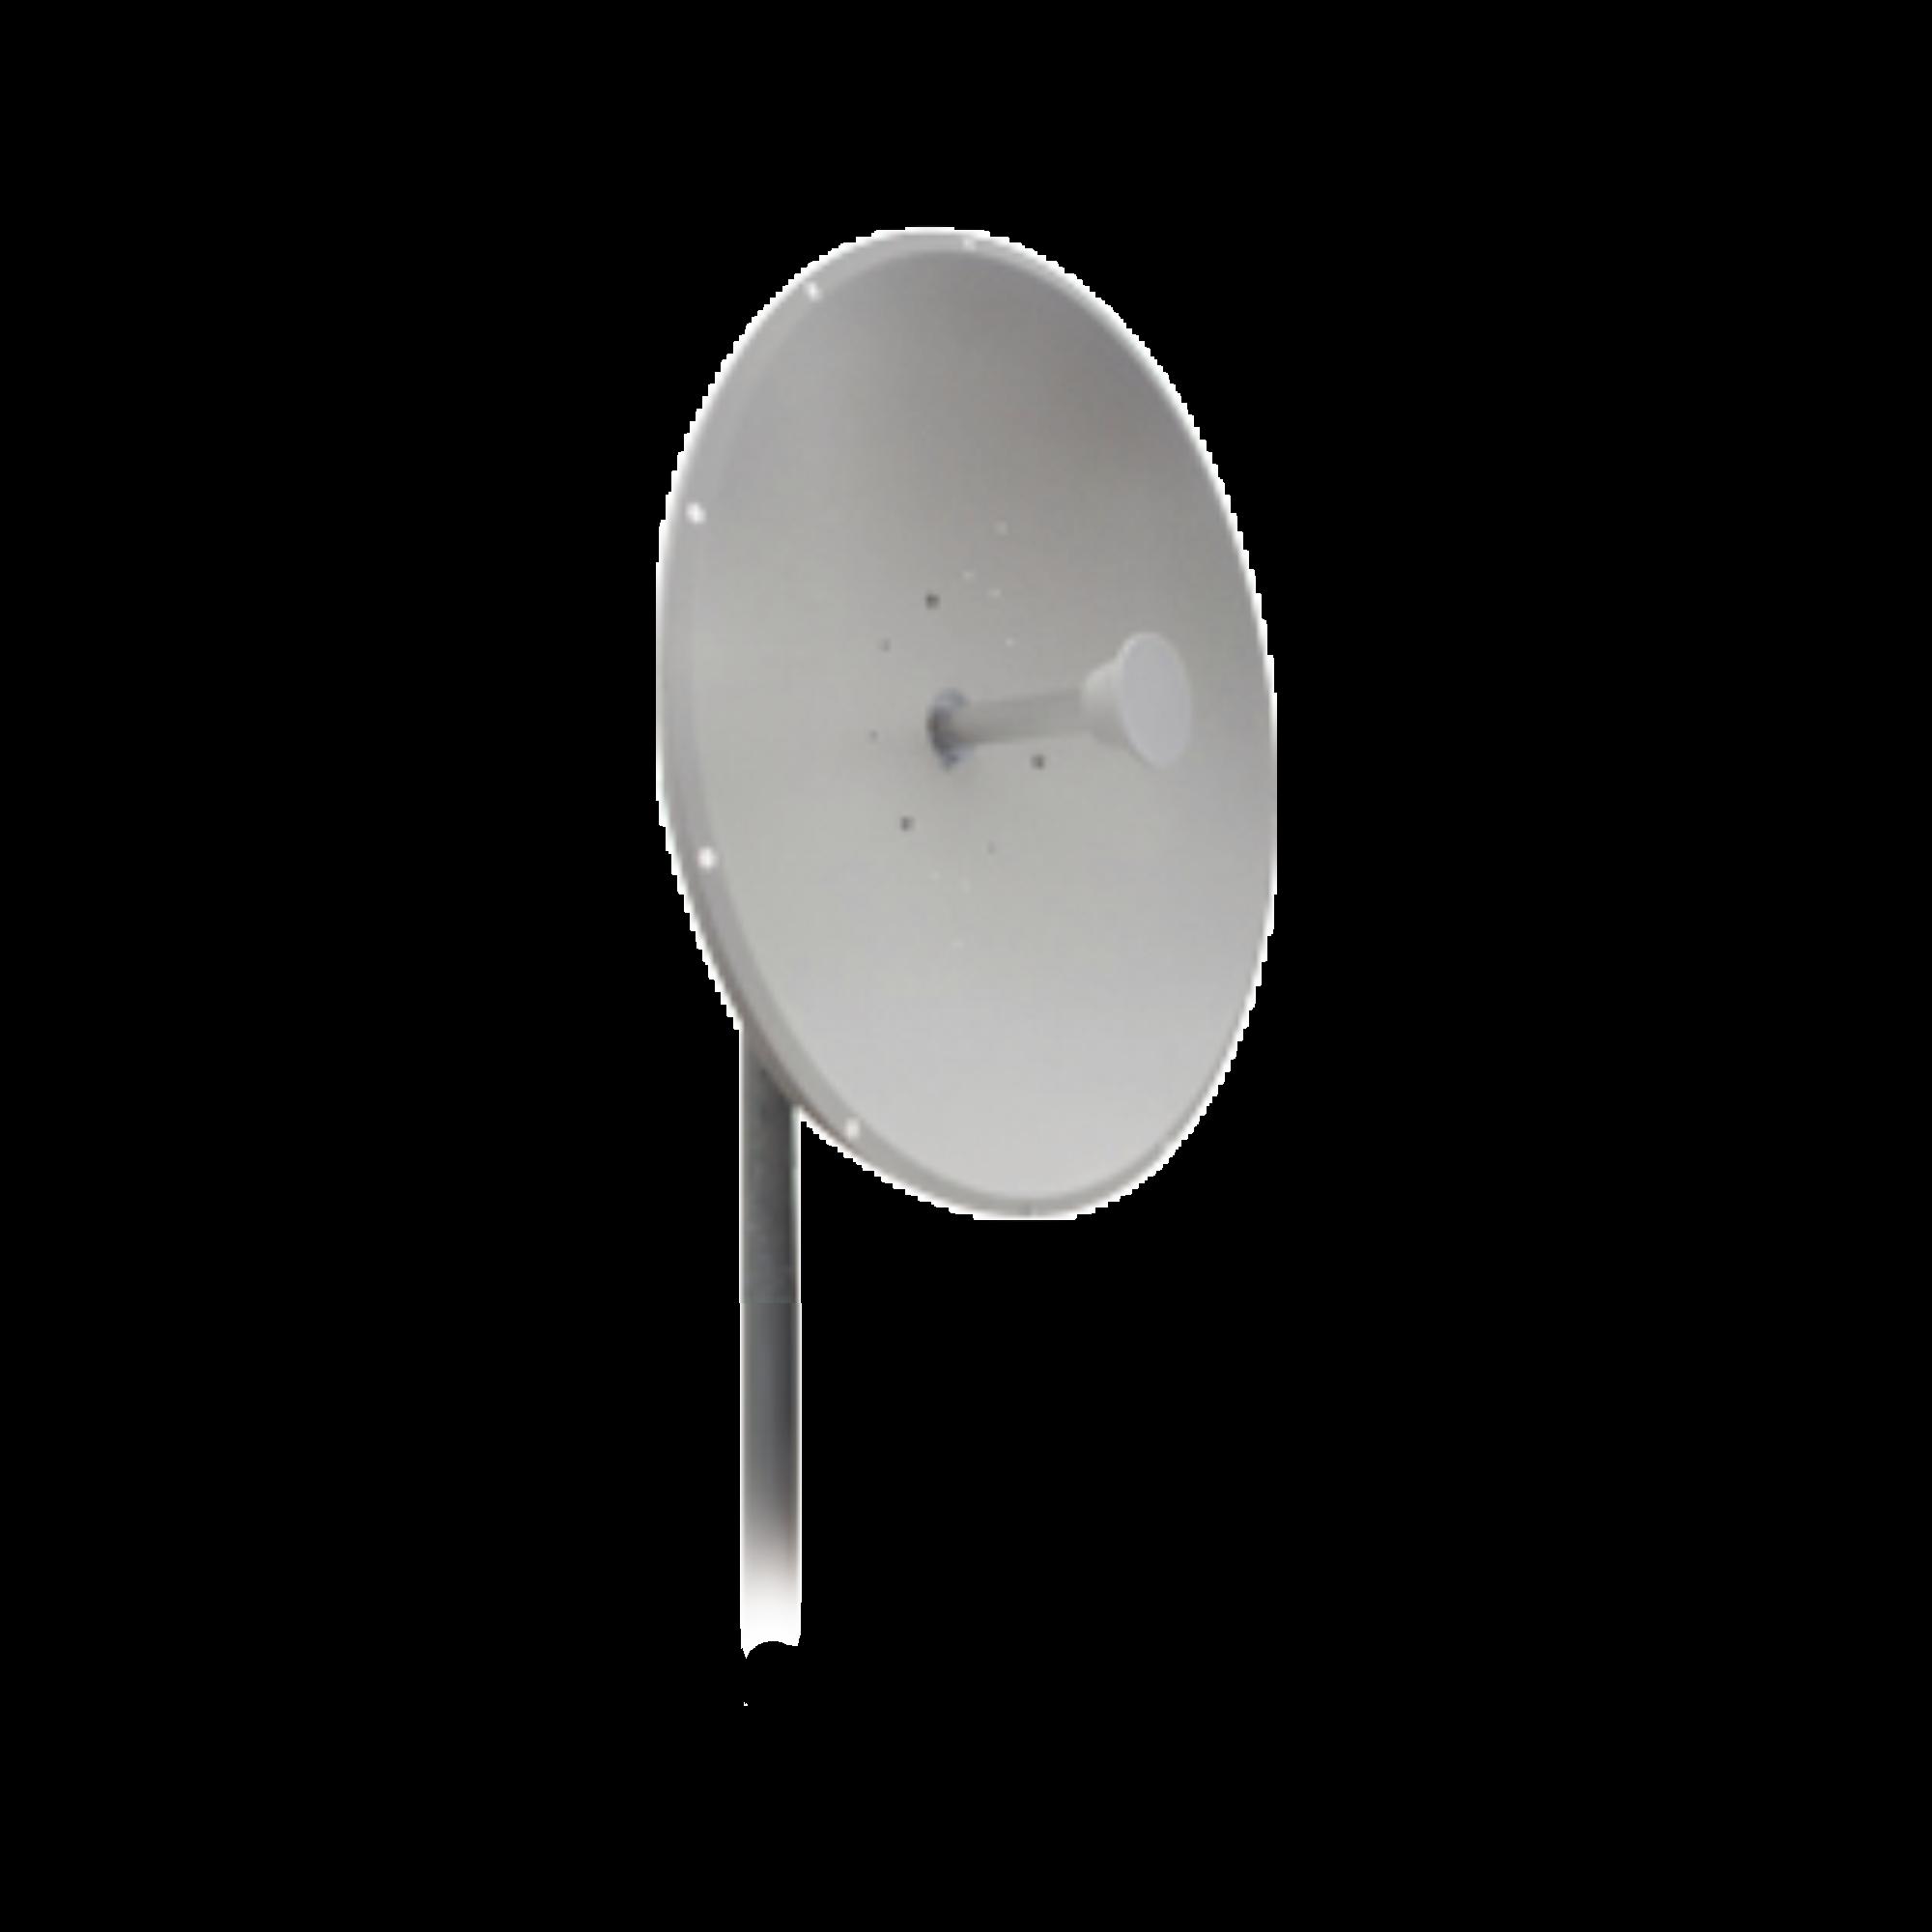 Antena direccional, Ganancia de 32 dBi, rango de frecuencia (4.9 - 5.8 MHz), 2 conectores N-hembra